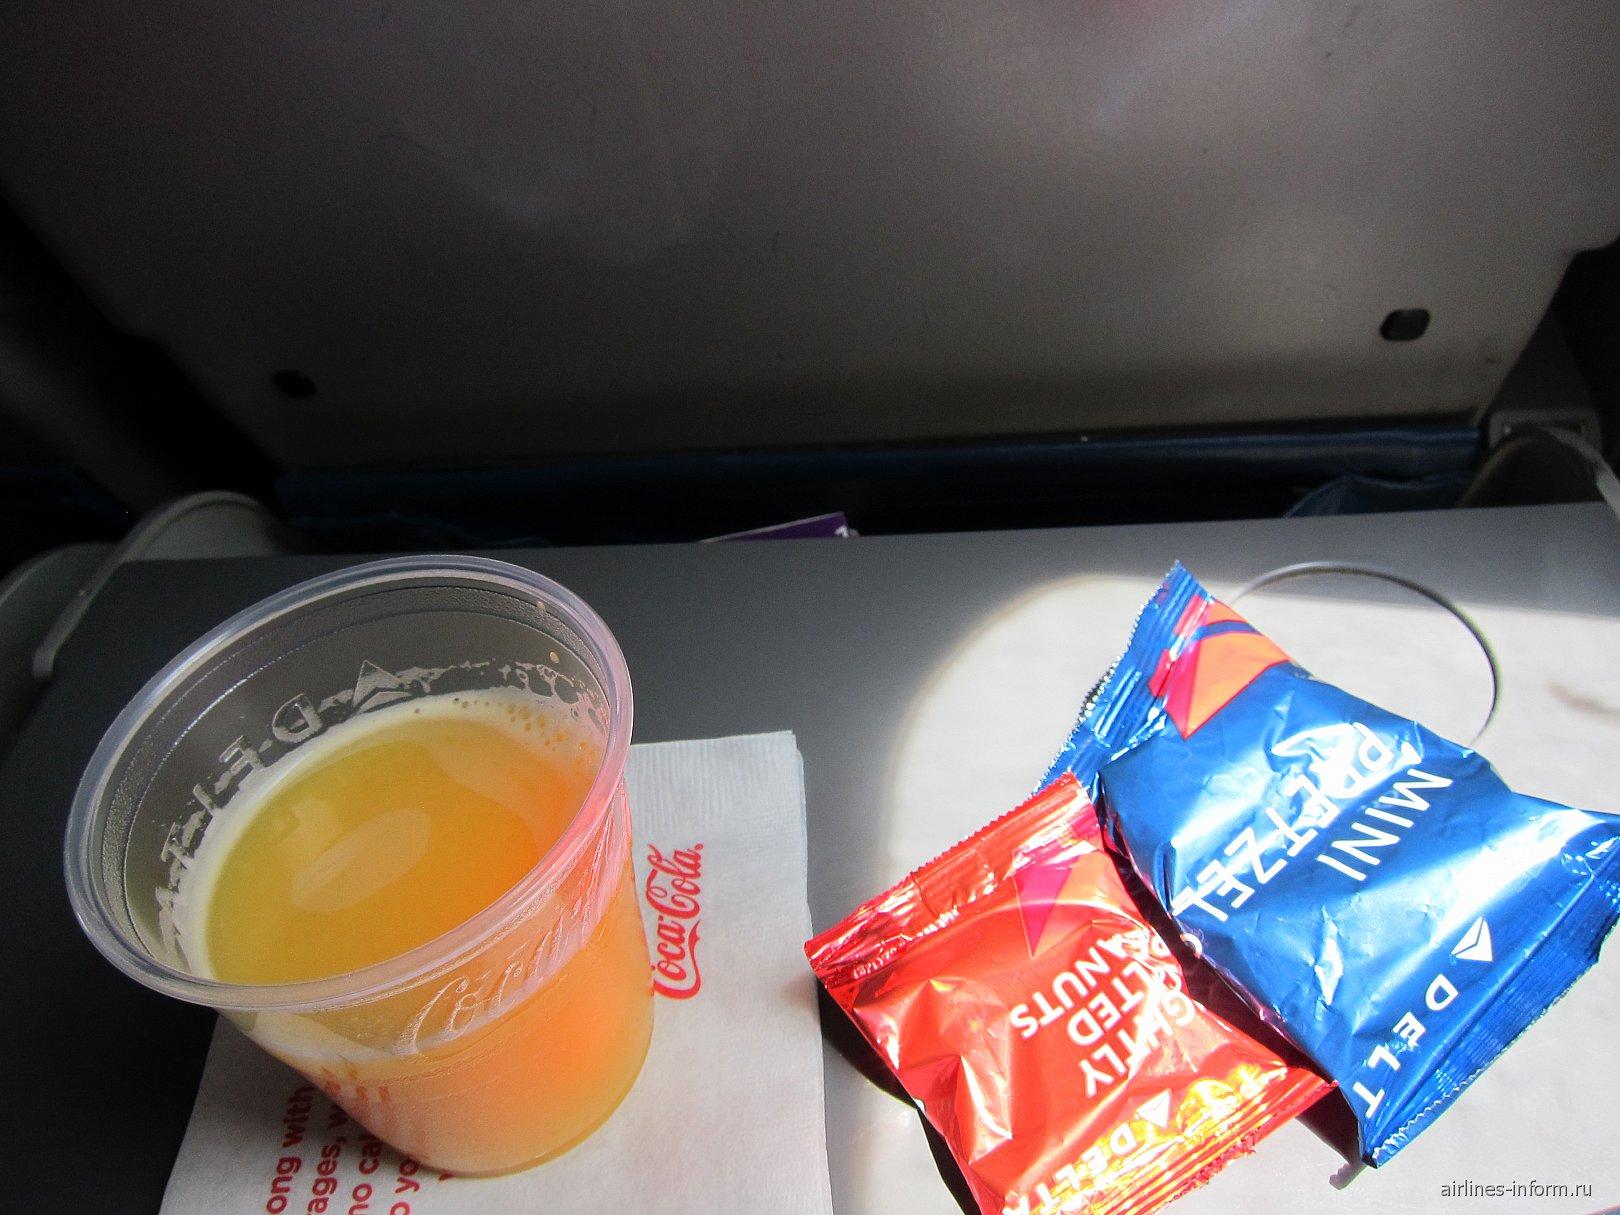 Питание на рейсе Delta Чикаго-Нью-Йорк